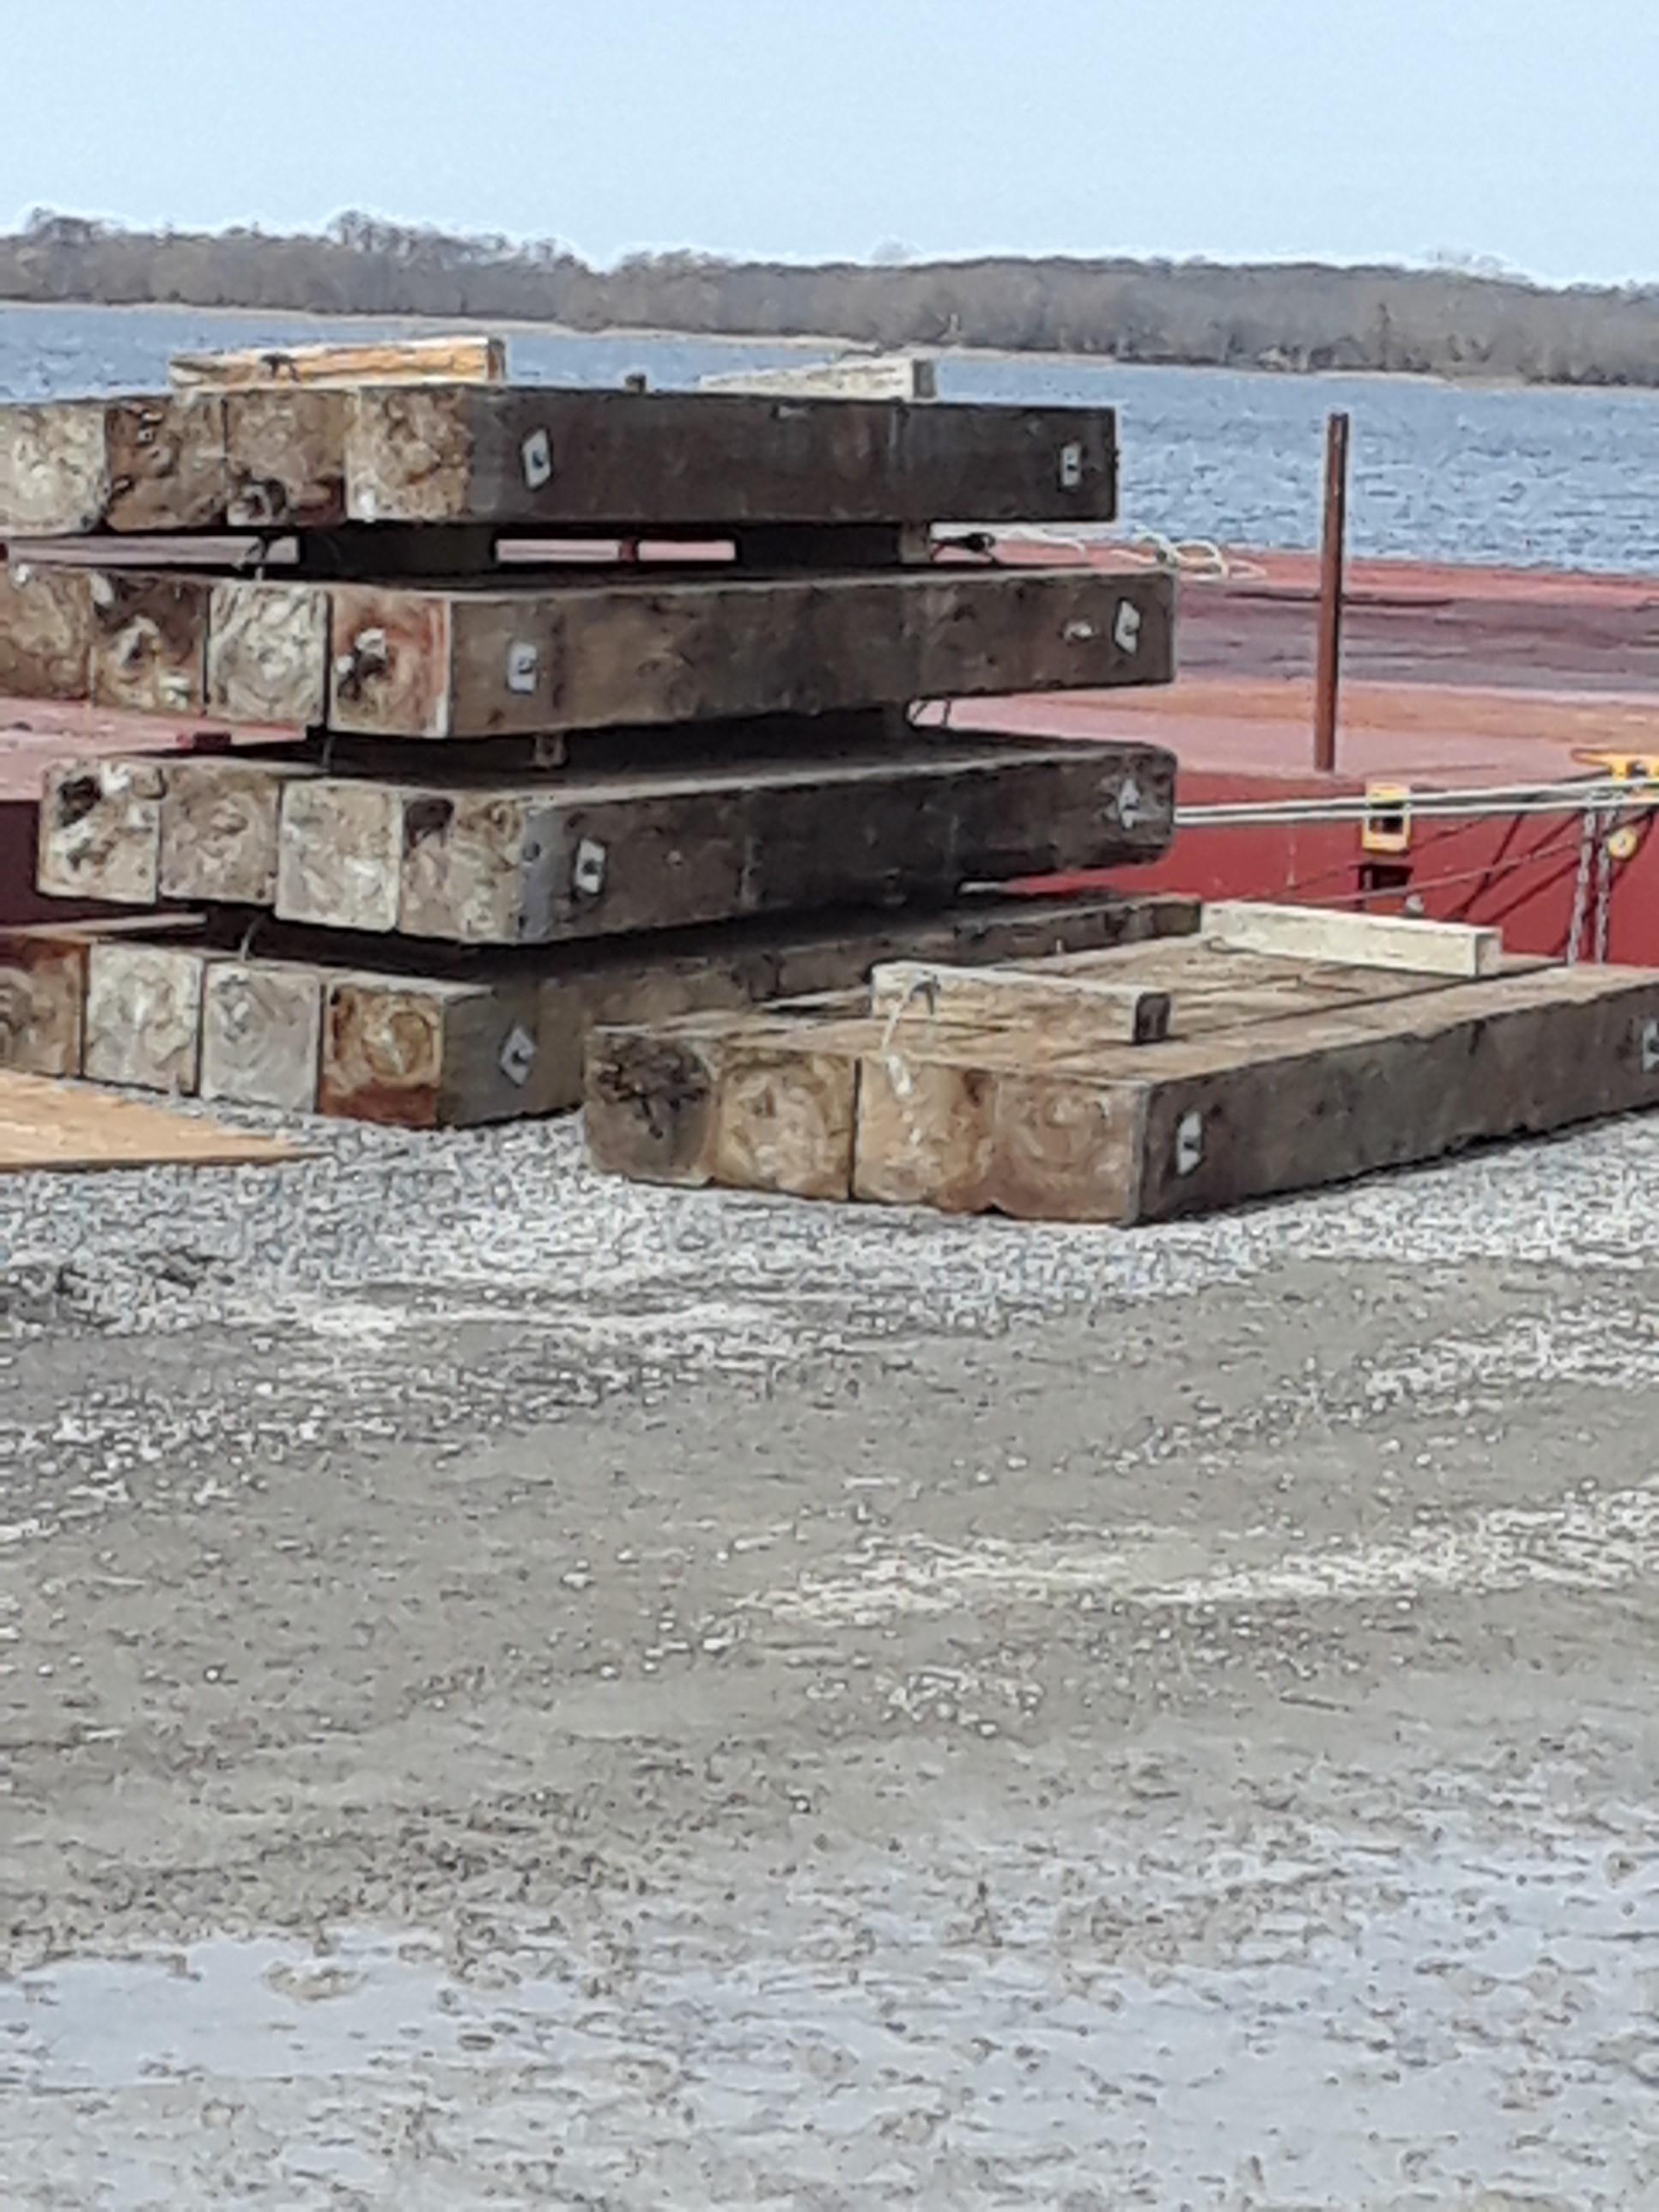 Platform for barge crane